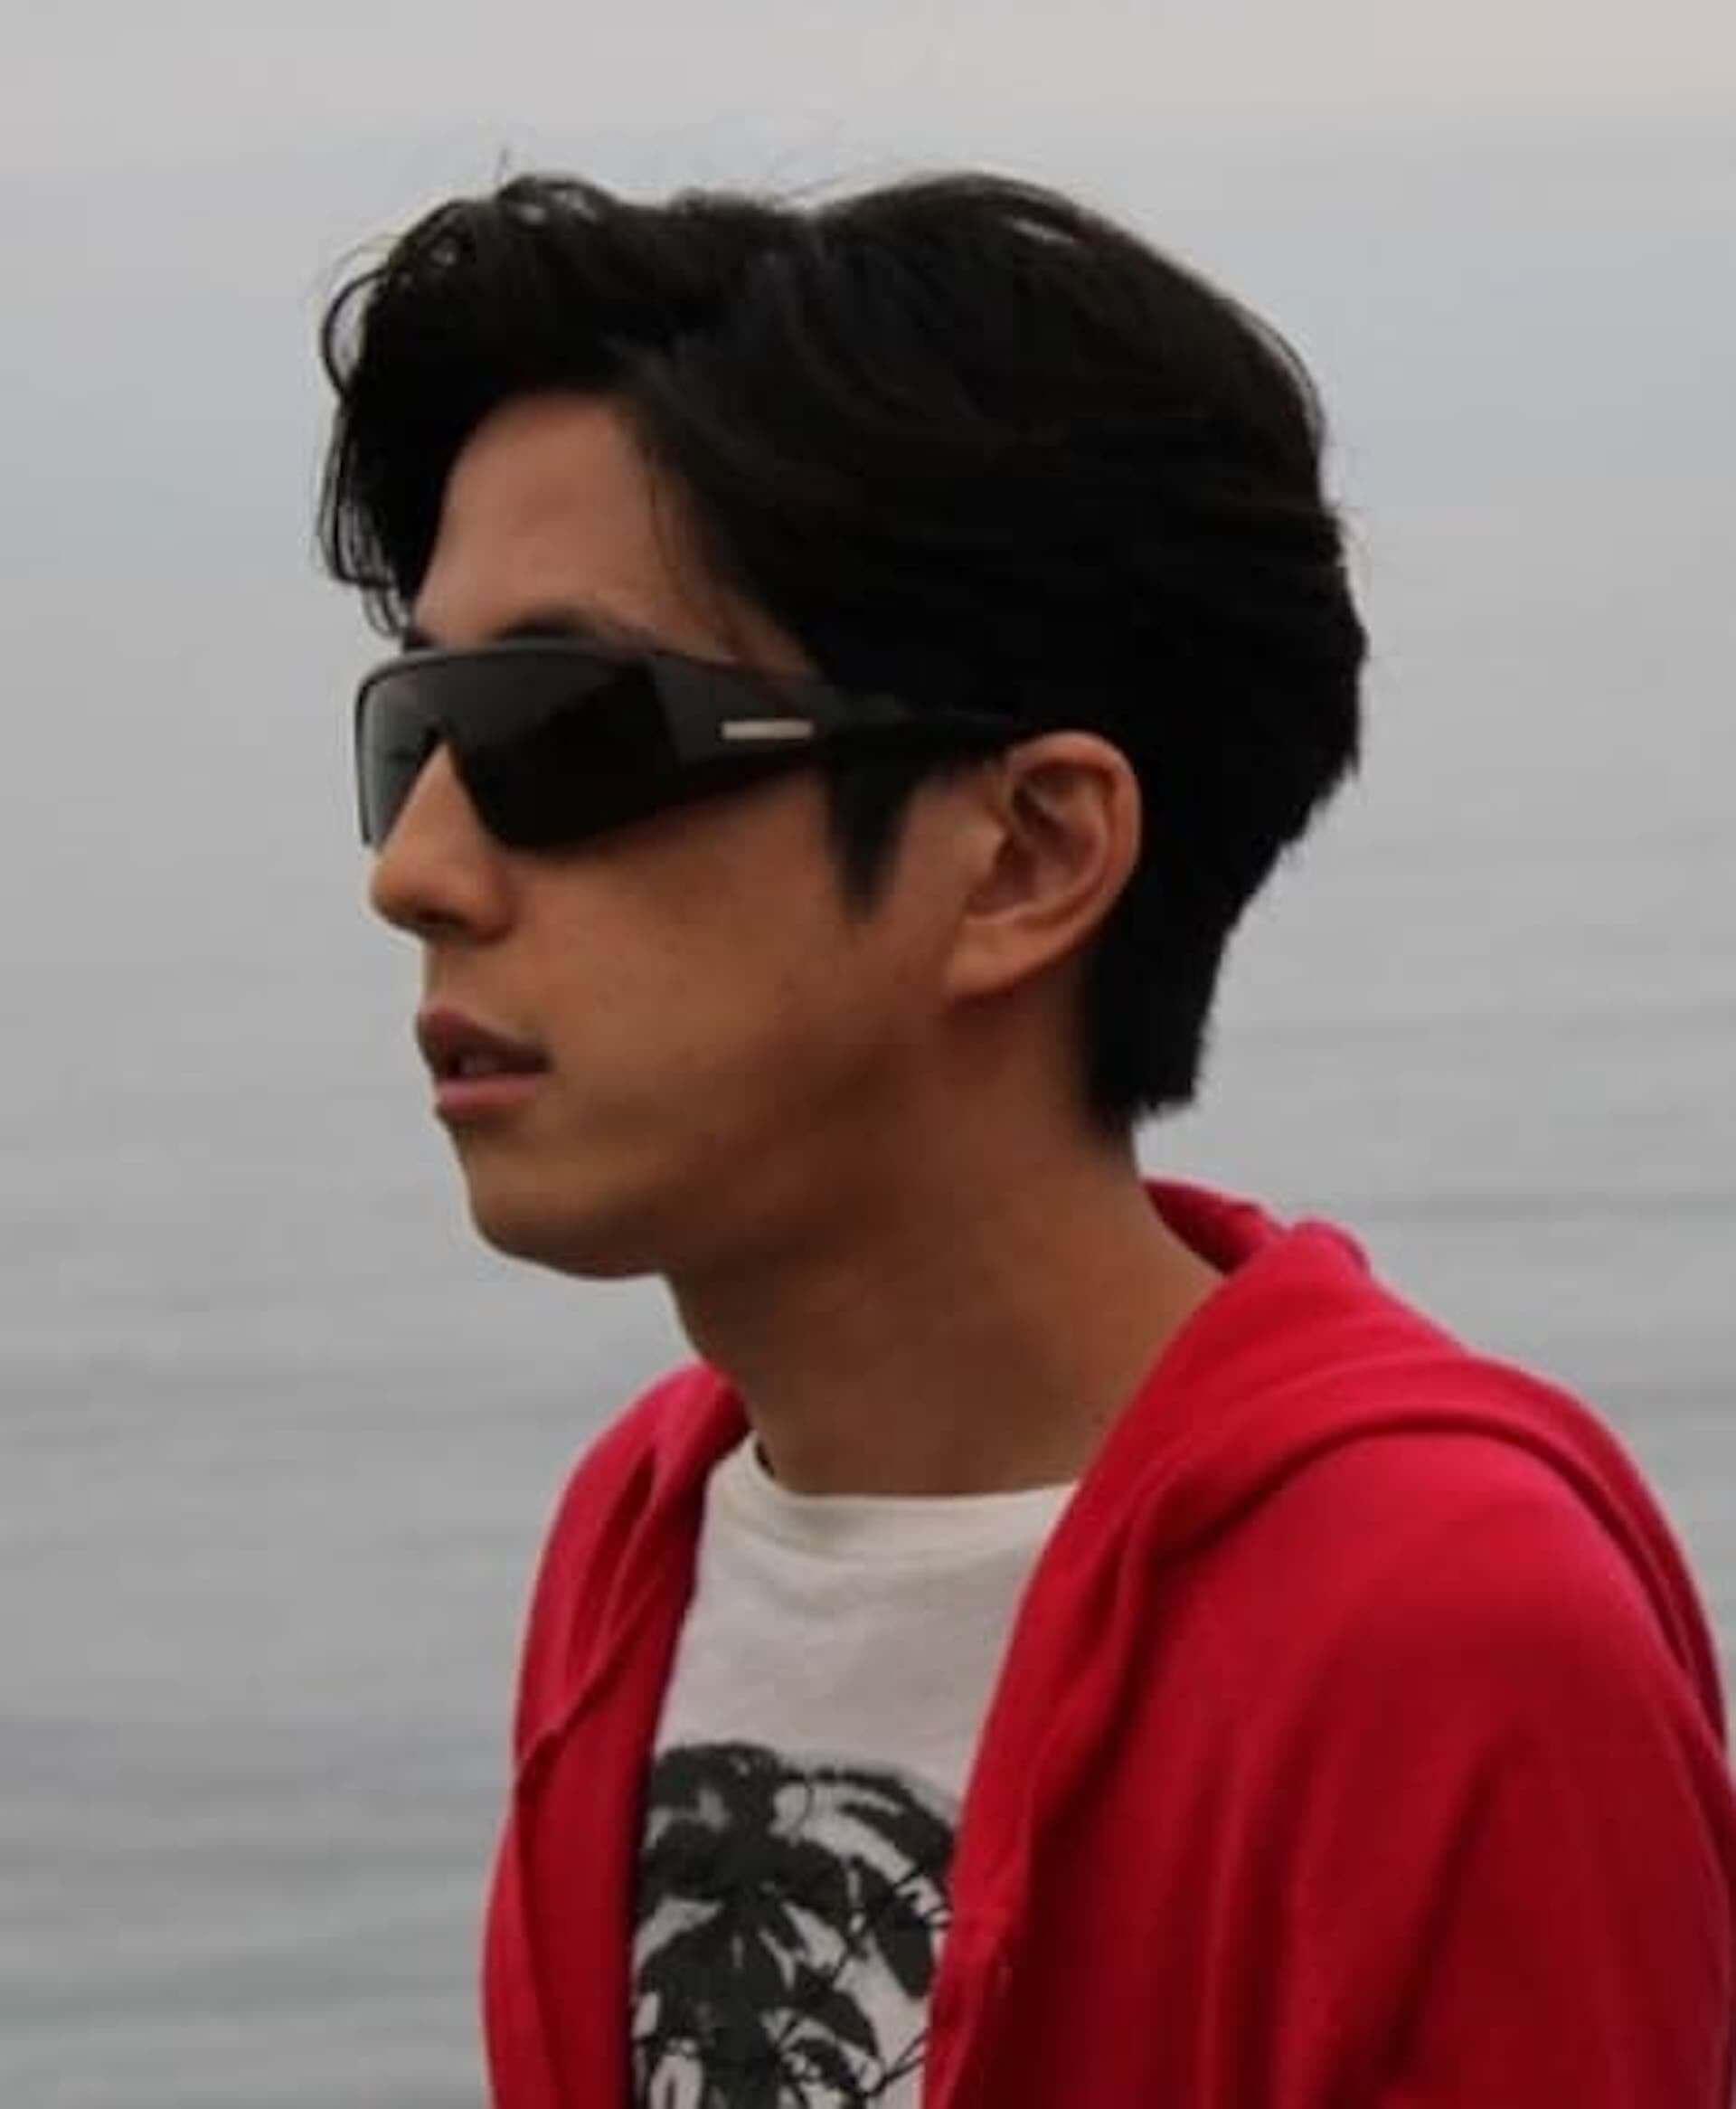 障がいを持つミュージシャンによるオンラインコンサート<See The Light>が開催決定!わたなべちひろ、Shusui、cannaらが登場 music201113_alfaromeo_9-1920x2332